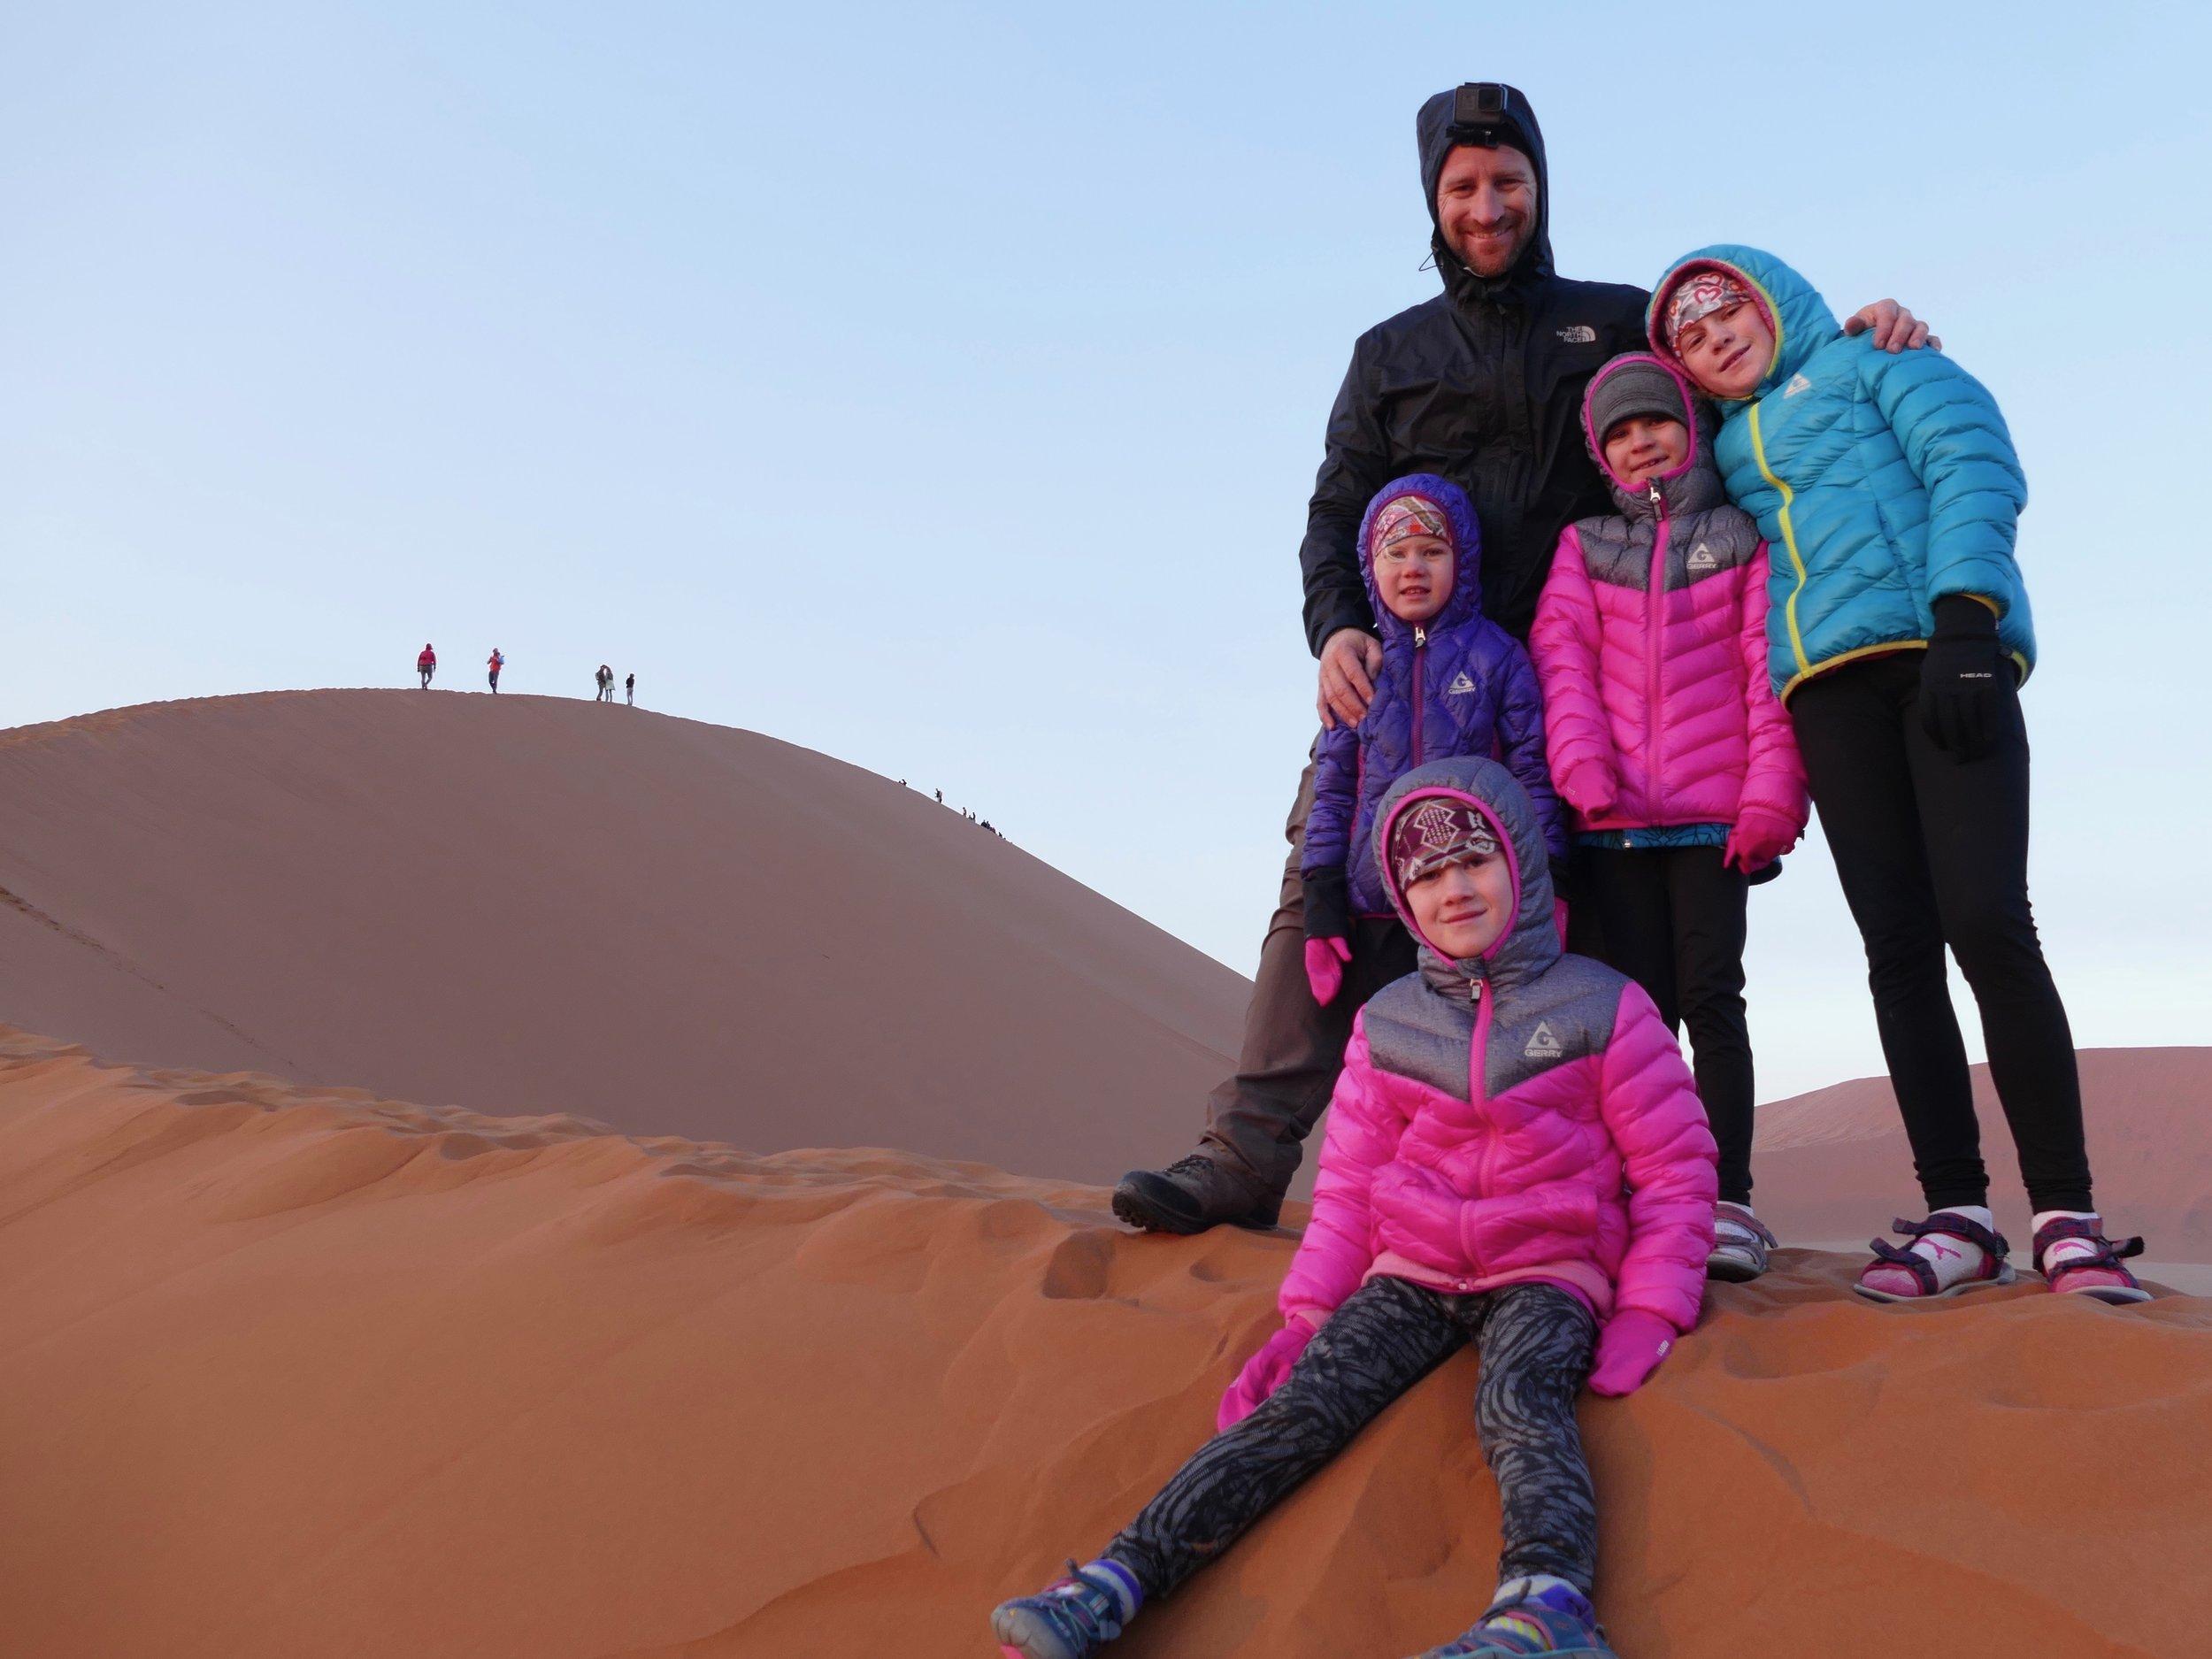 La dune 45 de Sossusvley en Namibie